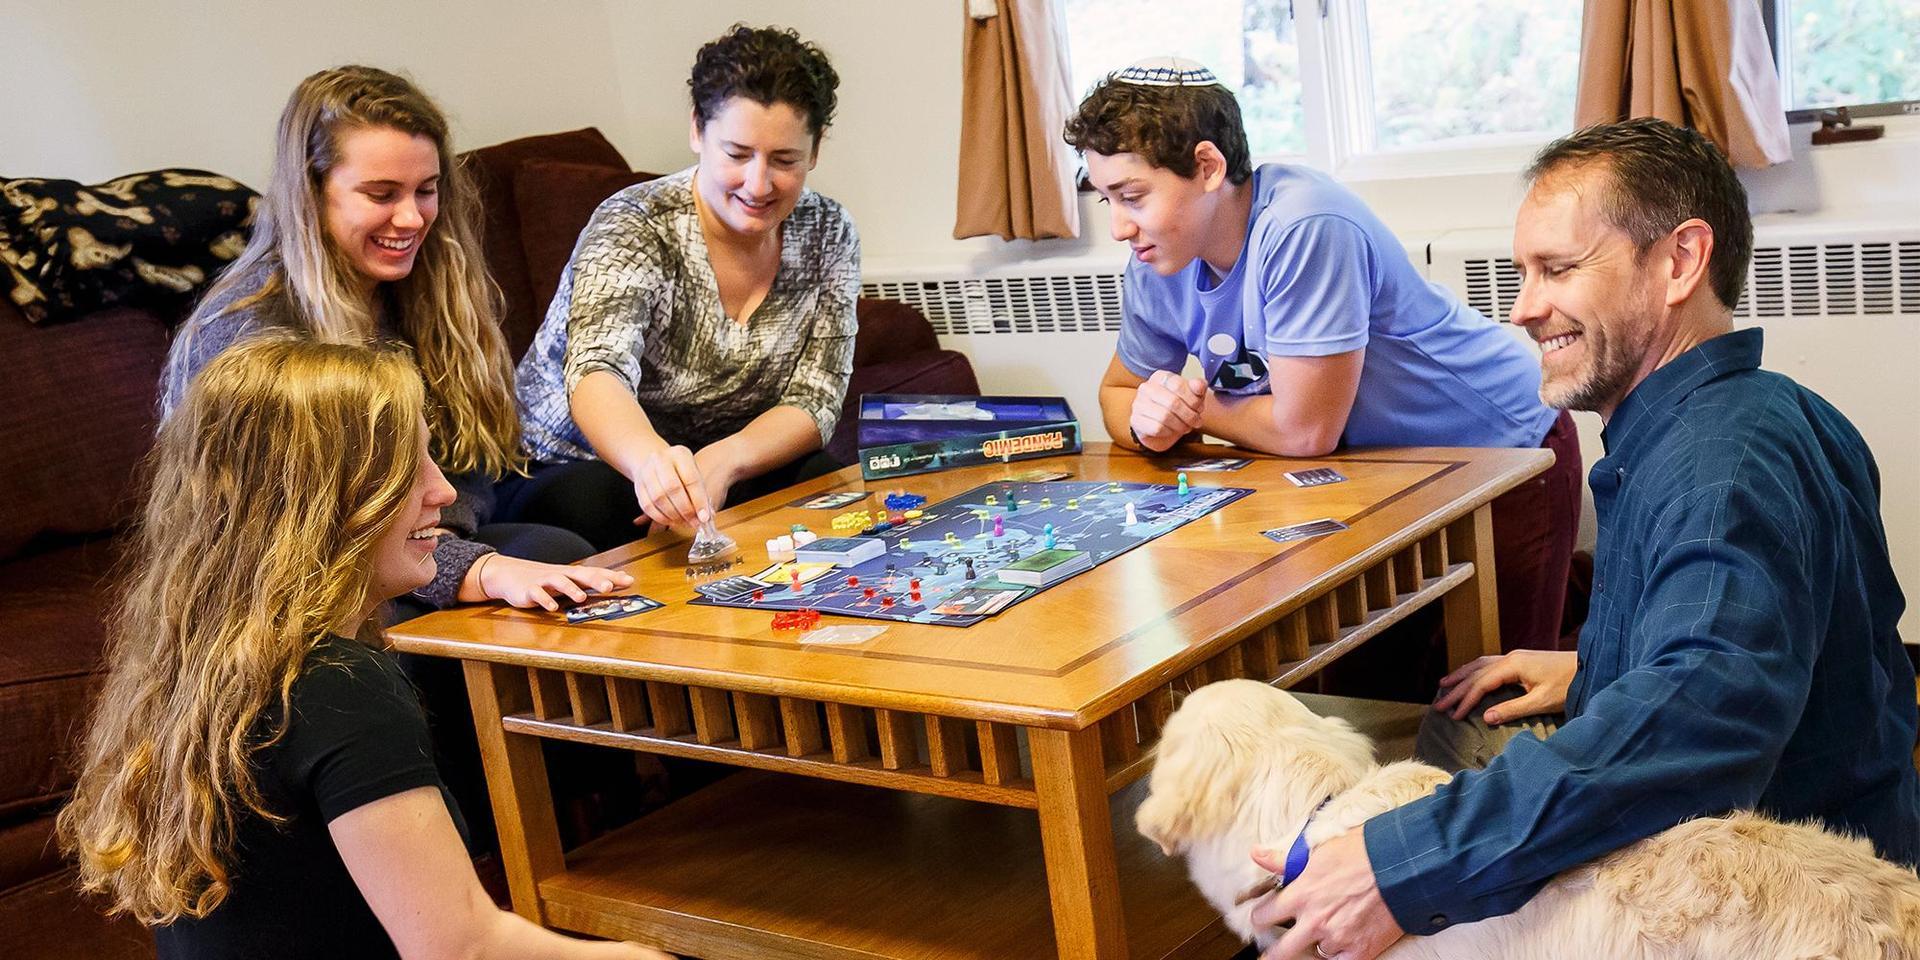 一群学生和成年人在宿舍里玩棋盘游戏.